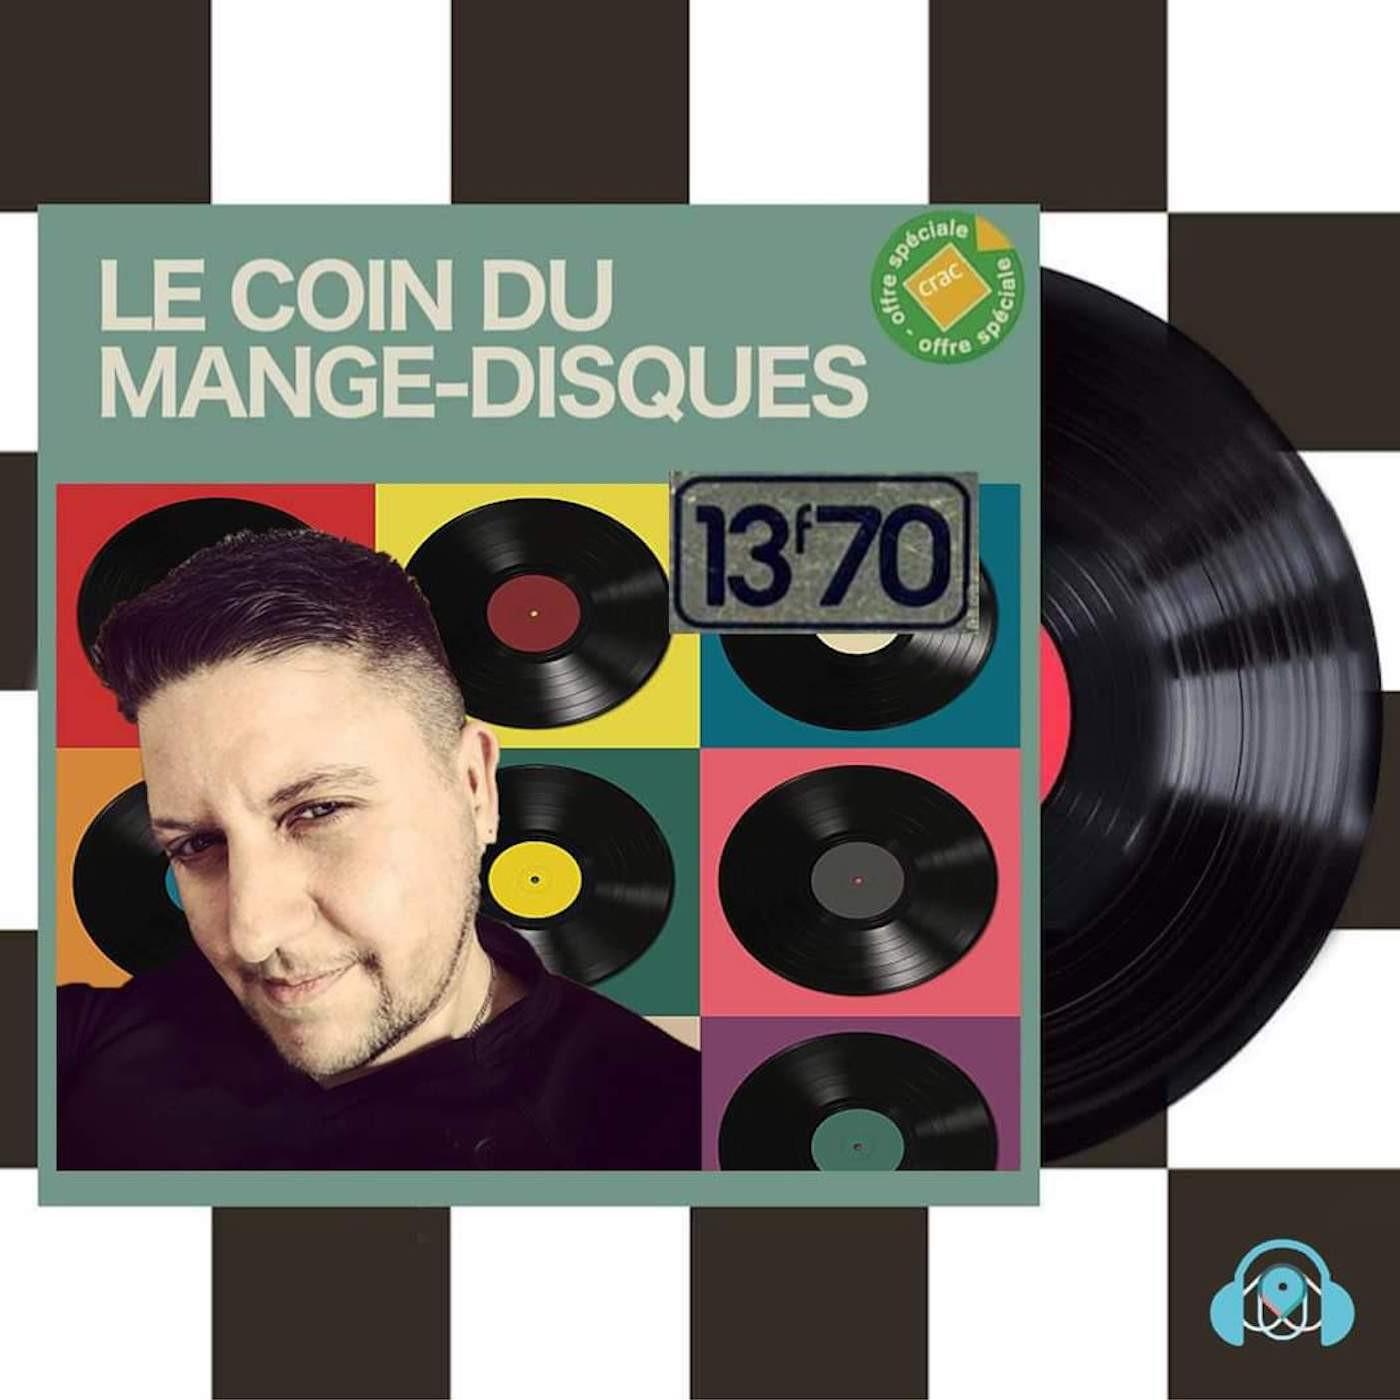 LE COIN DU MANGE-DISQUES S1E5 - Mémoire Live